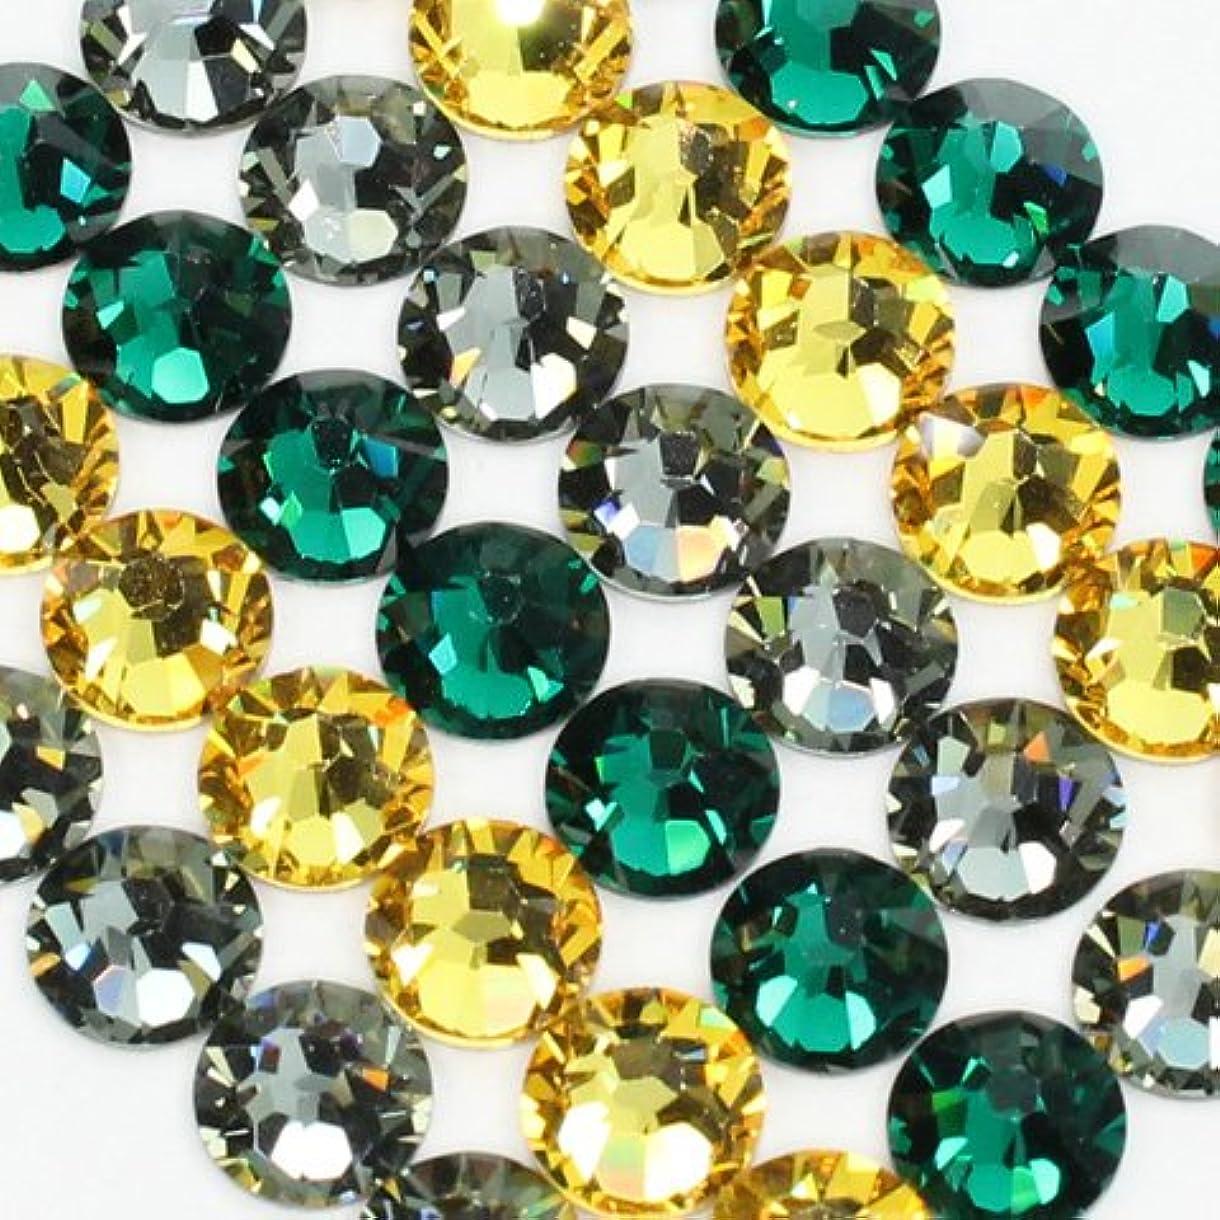 熟達好戦的な種お試しアートMIX[ジャマイカカラー]シトリン、ブラックダイヤモンド、エメラルド/スワロフスキー(Swarovski)/ラインストーン ss16(各20粒)